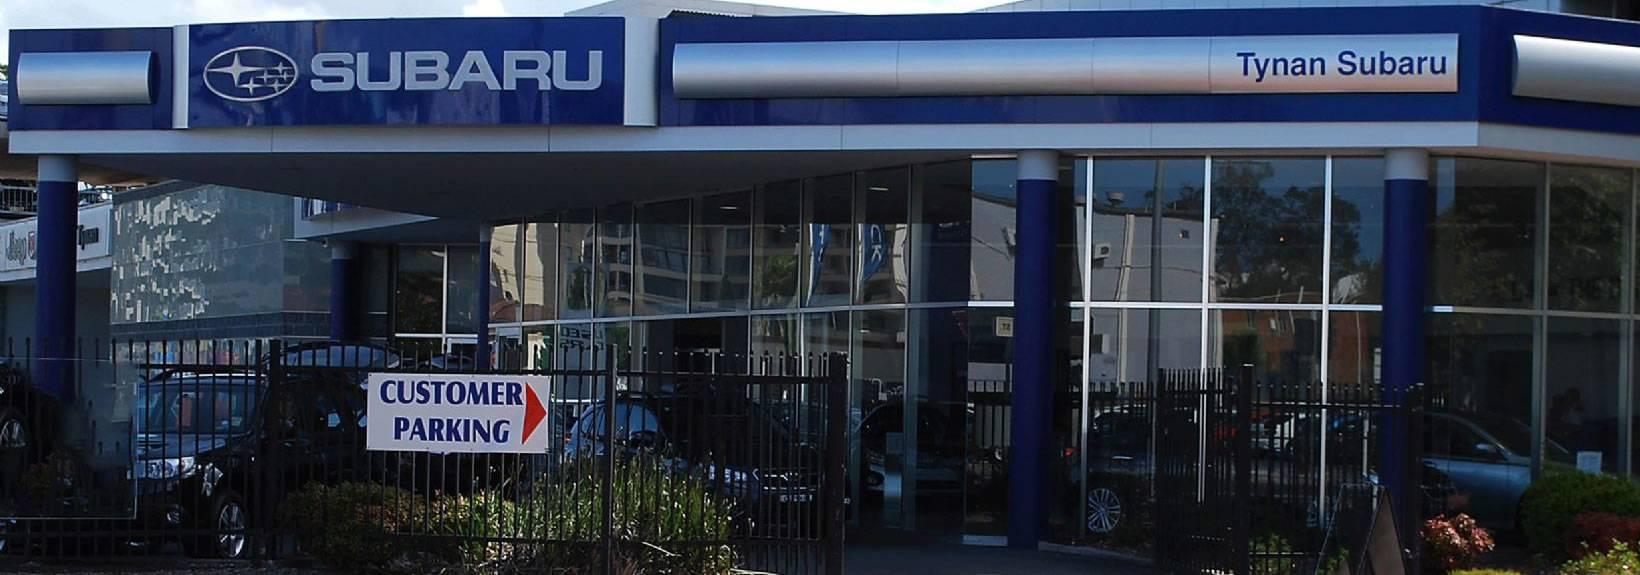 Tynan Subaru Wollongong